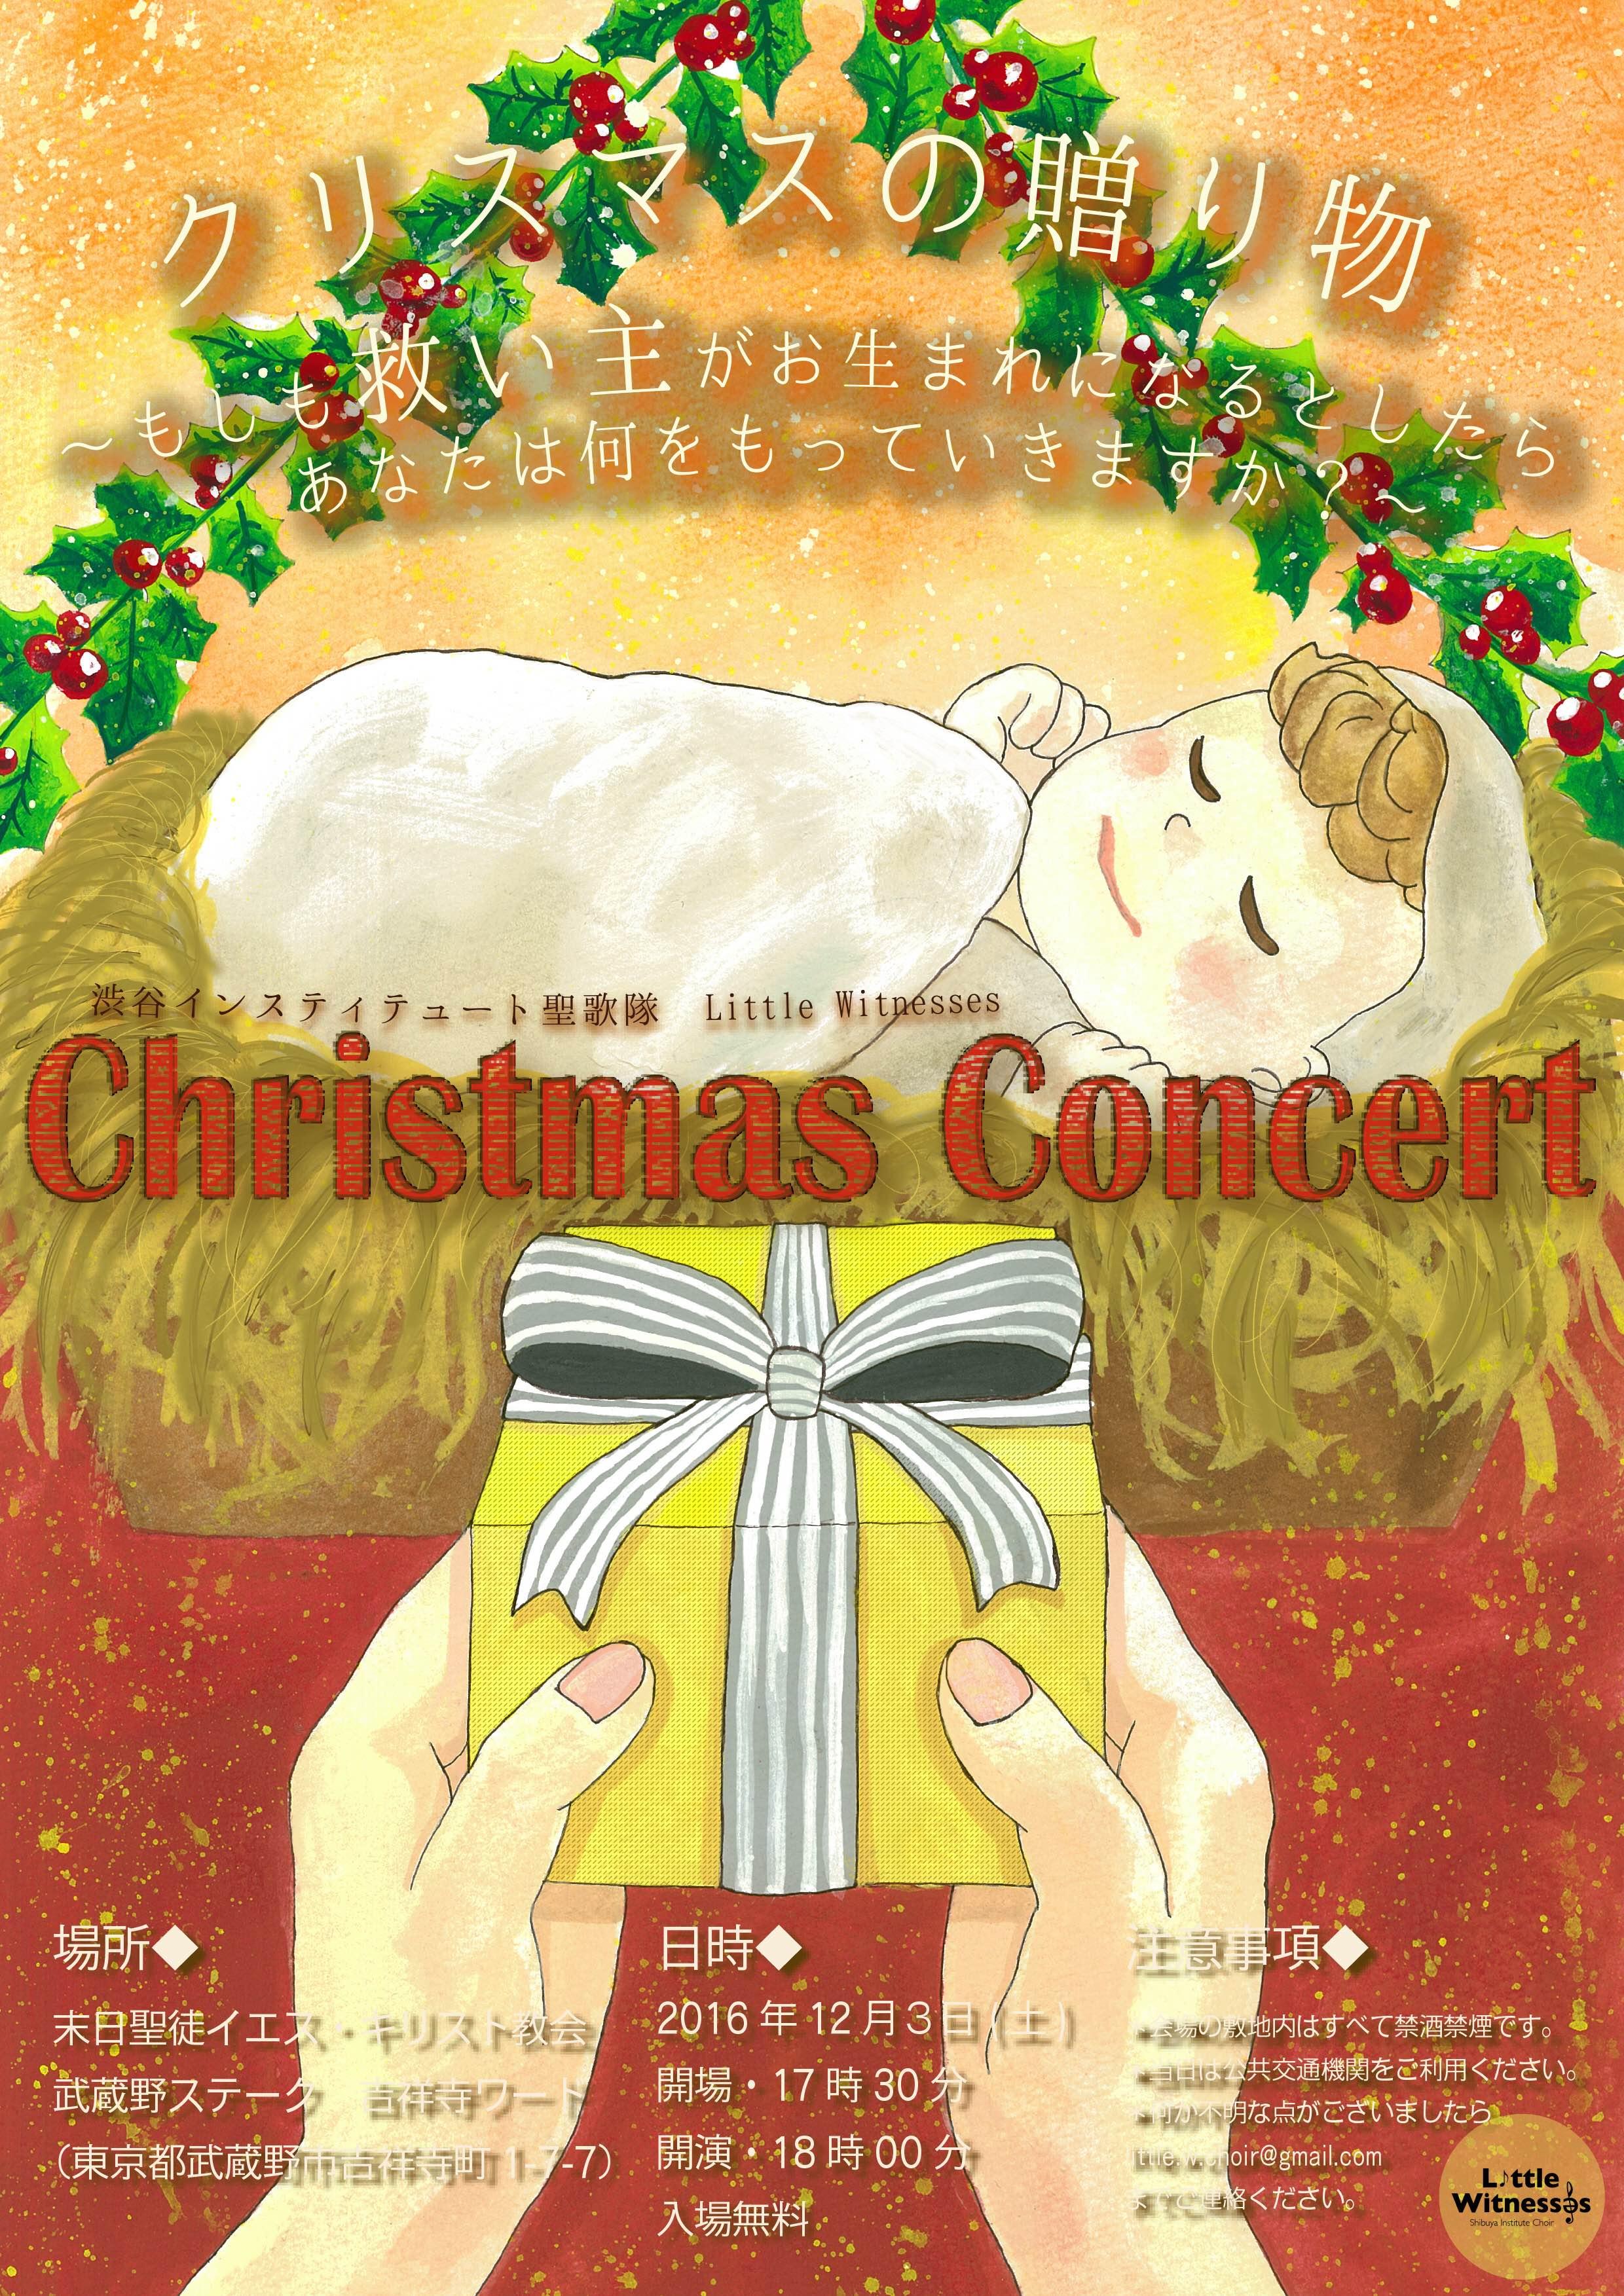 LittleWitnesses-ChristmasConcert2016.JPG